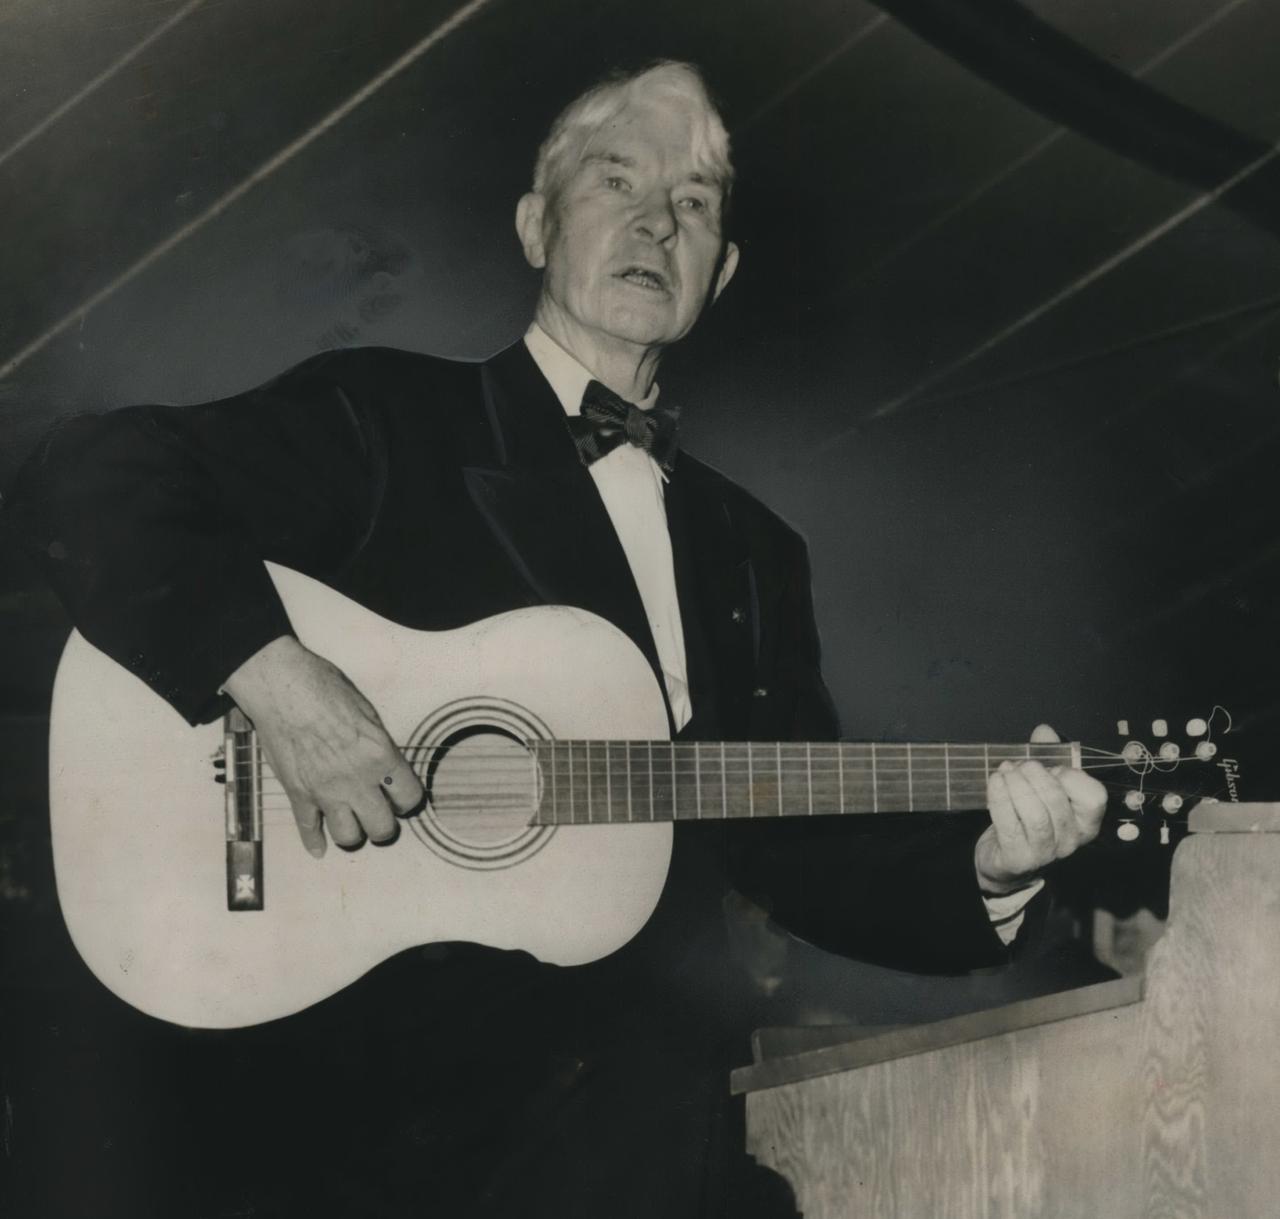 Carl Sandburg (1925-1926)